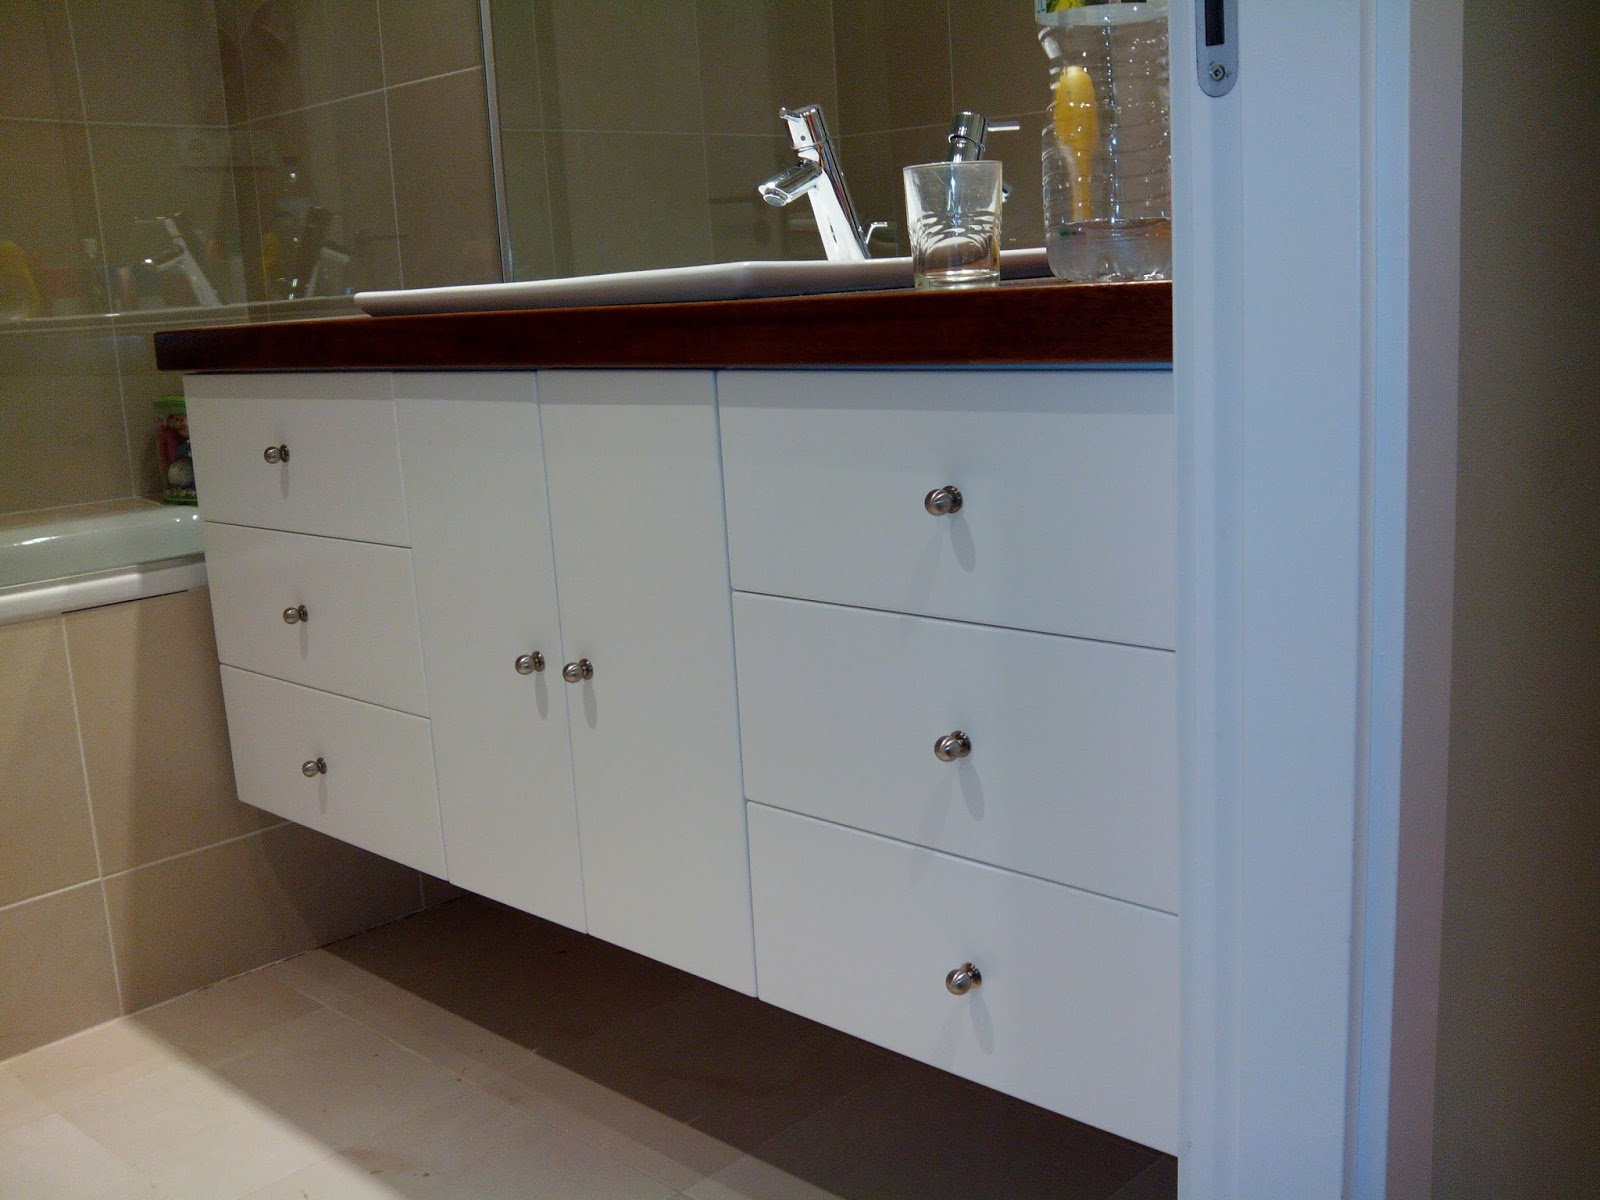 Mueble de cuarto de baño para dos lavabos - Muebles ...